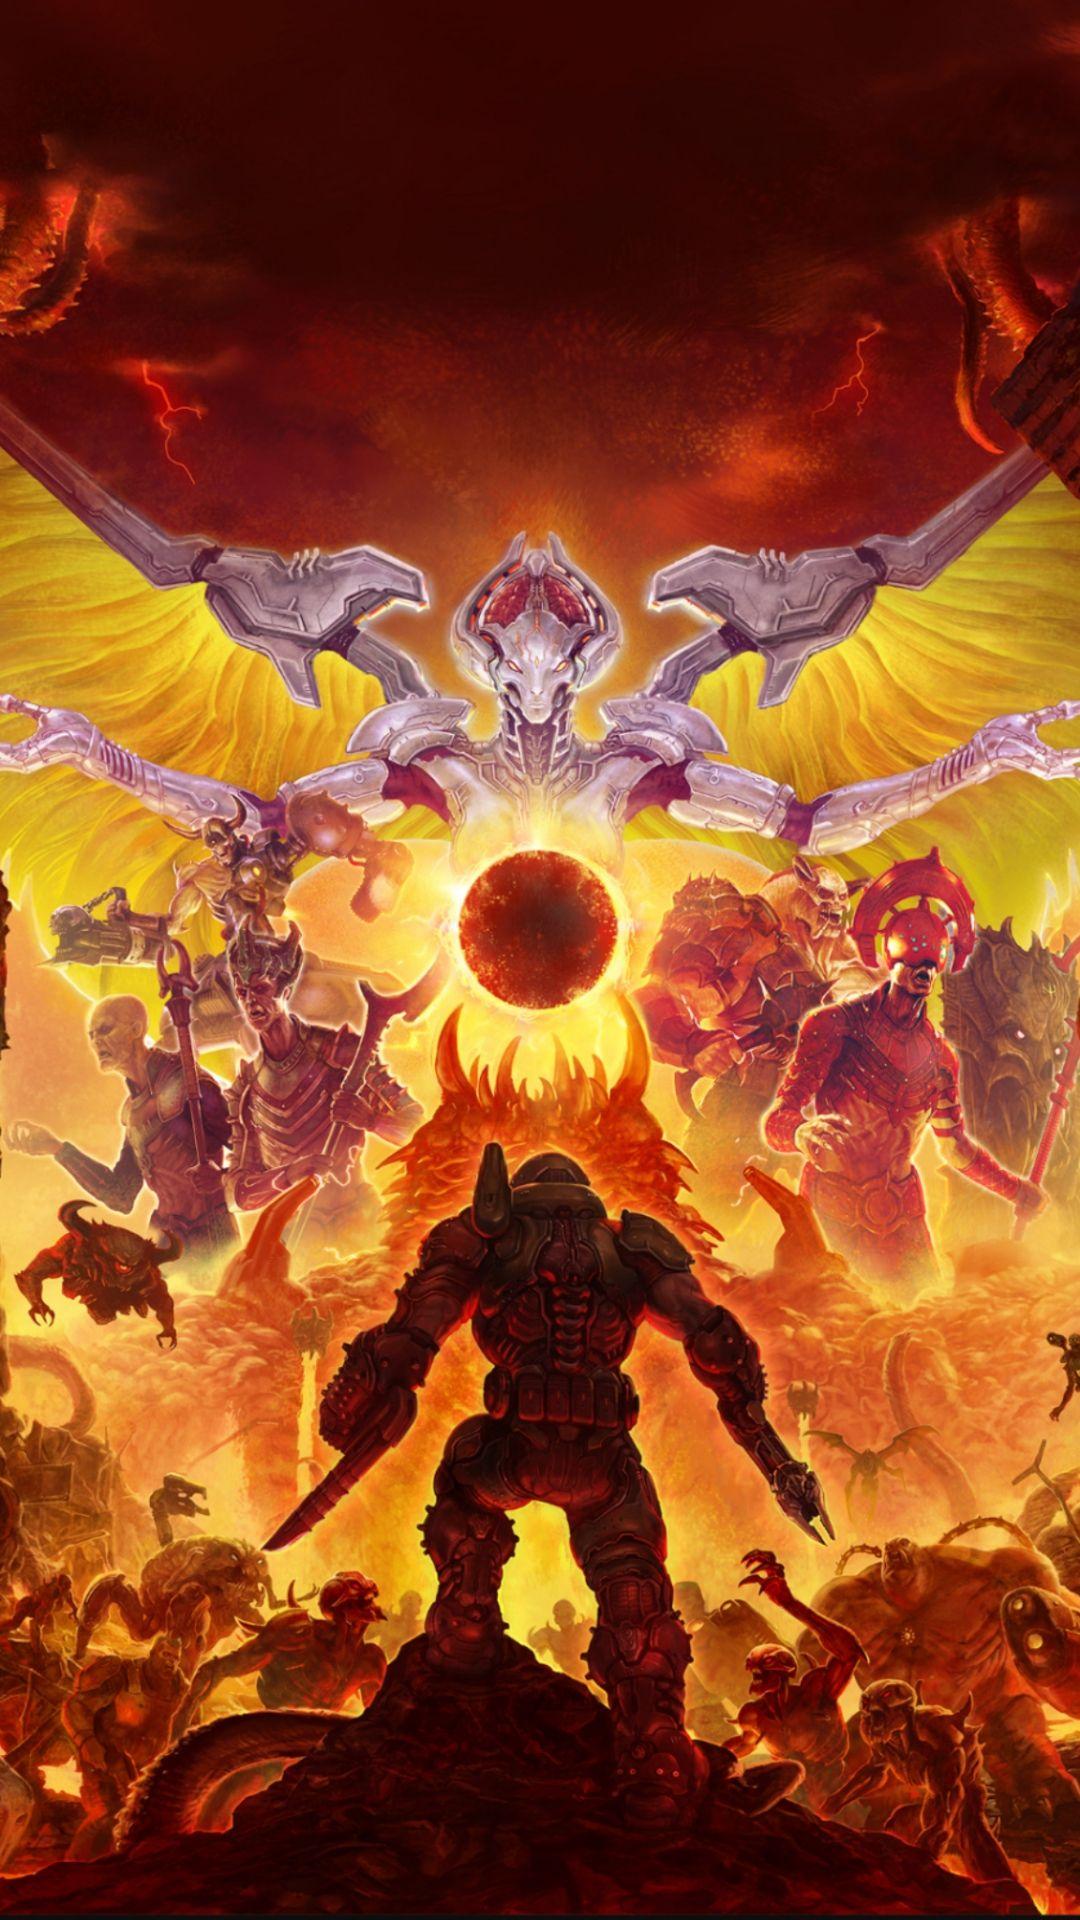 Doom Wallpaper Wallpaperize In 2020 Doom Game Doom Videogame Gaming Wallpapers